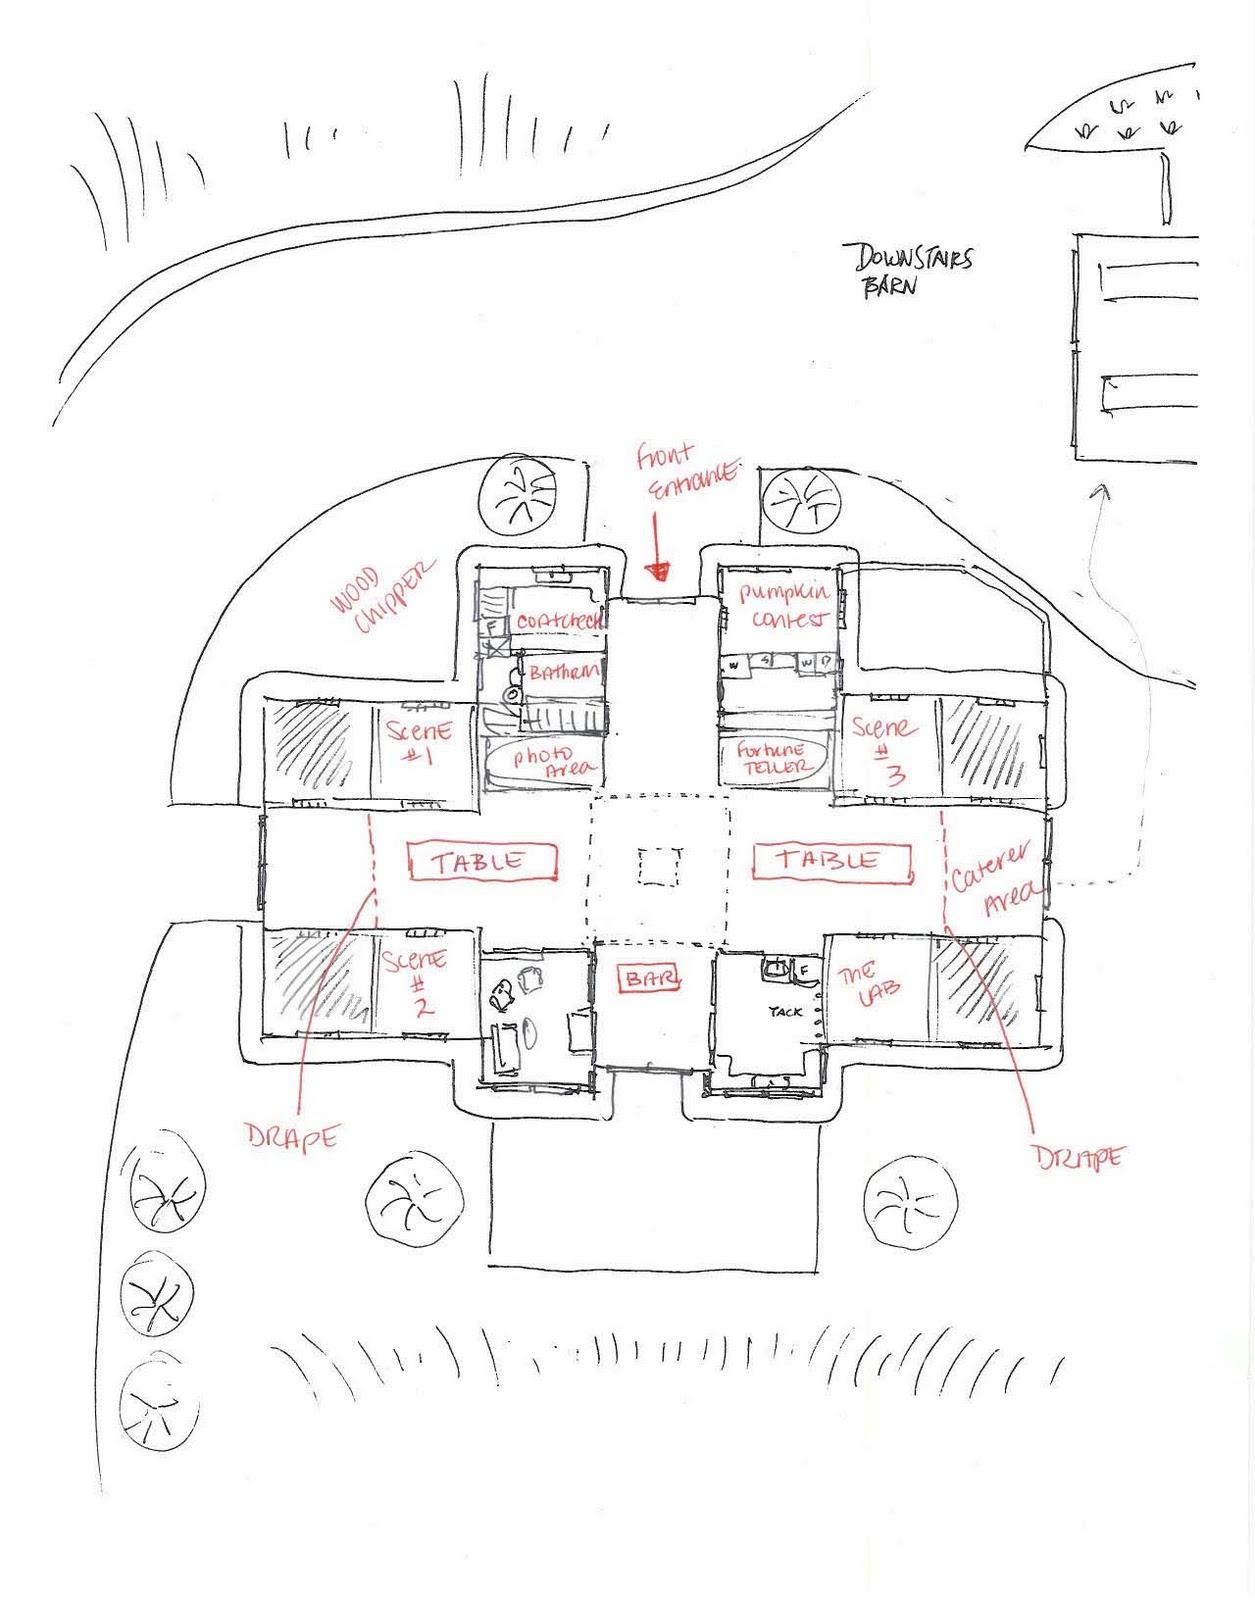 Horse barn design layout 8x10x12x14x16x18x20x22x24 josep for Horse barn layout